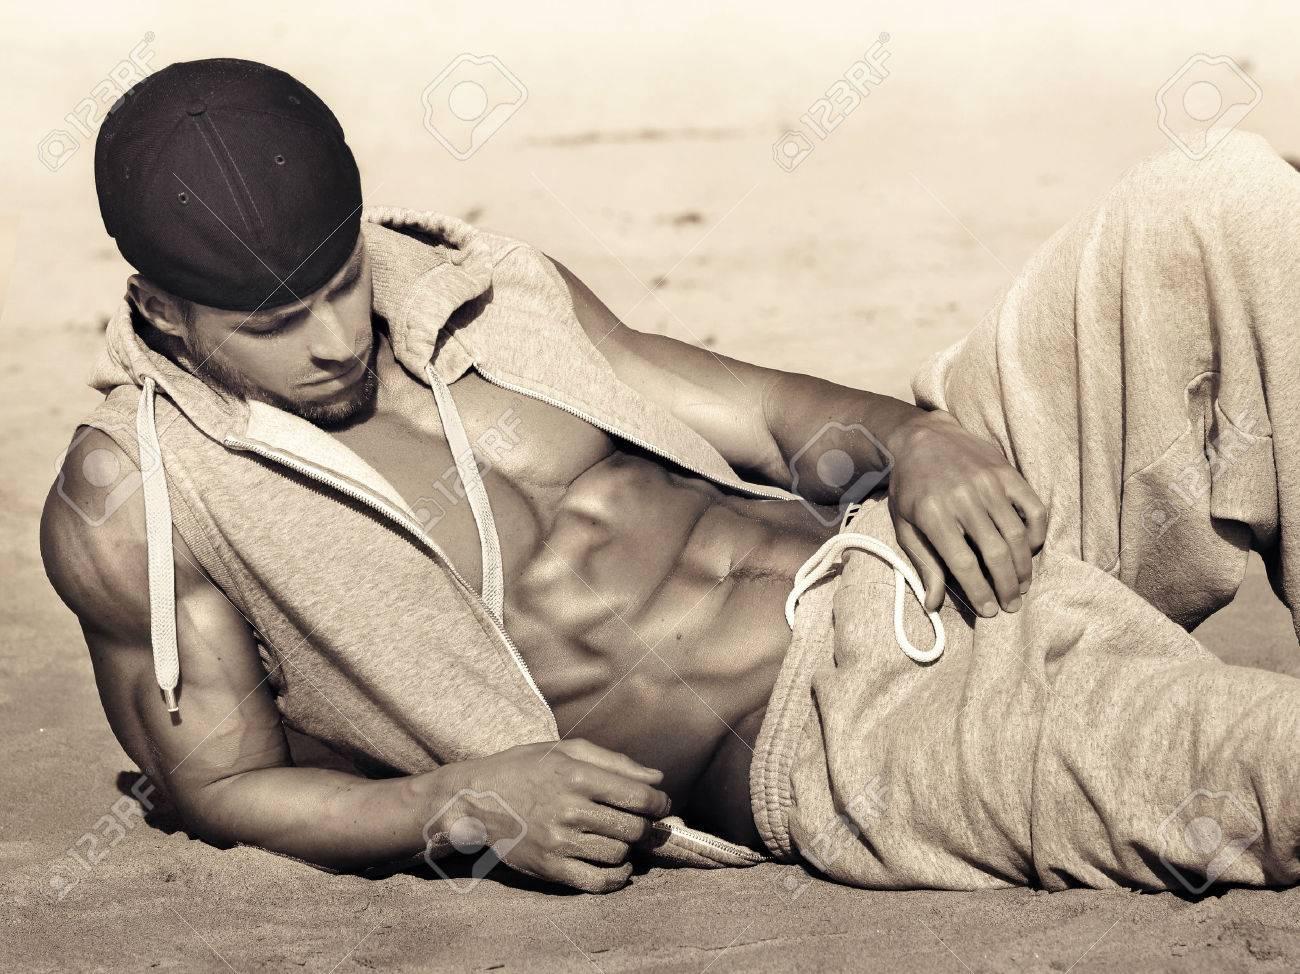 Monter santé jeune modèle masculin avec de grands coups de pied abs retour sur la plage, dans des tons de sépia chaudes Banque d'images - 26925593